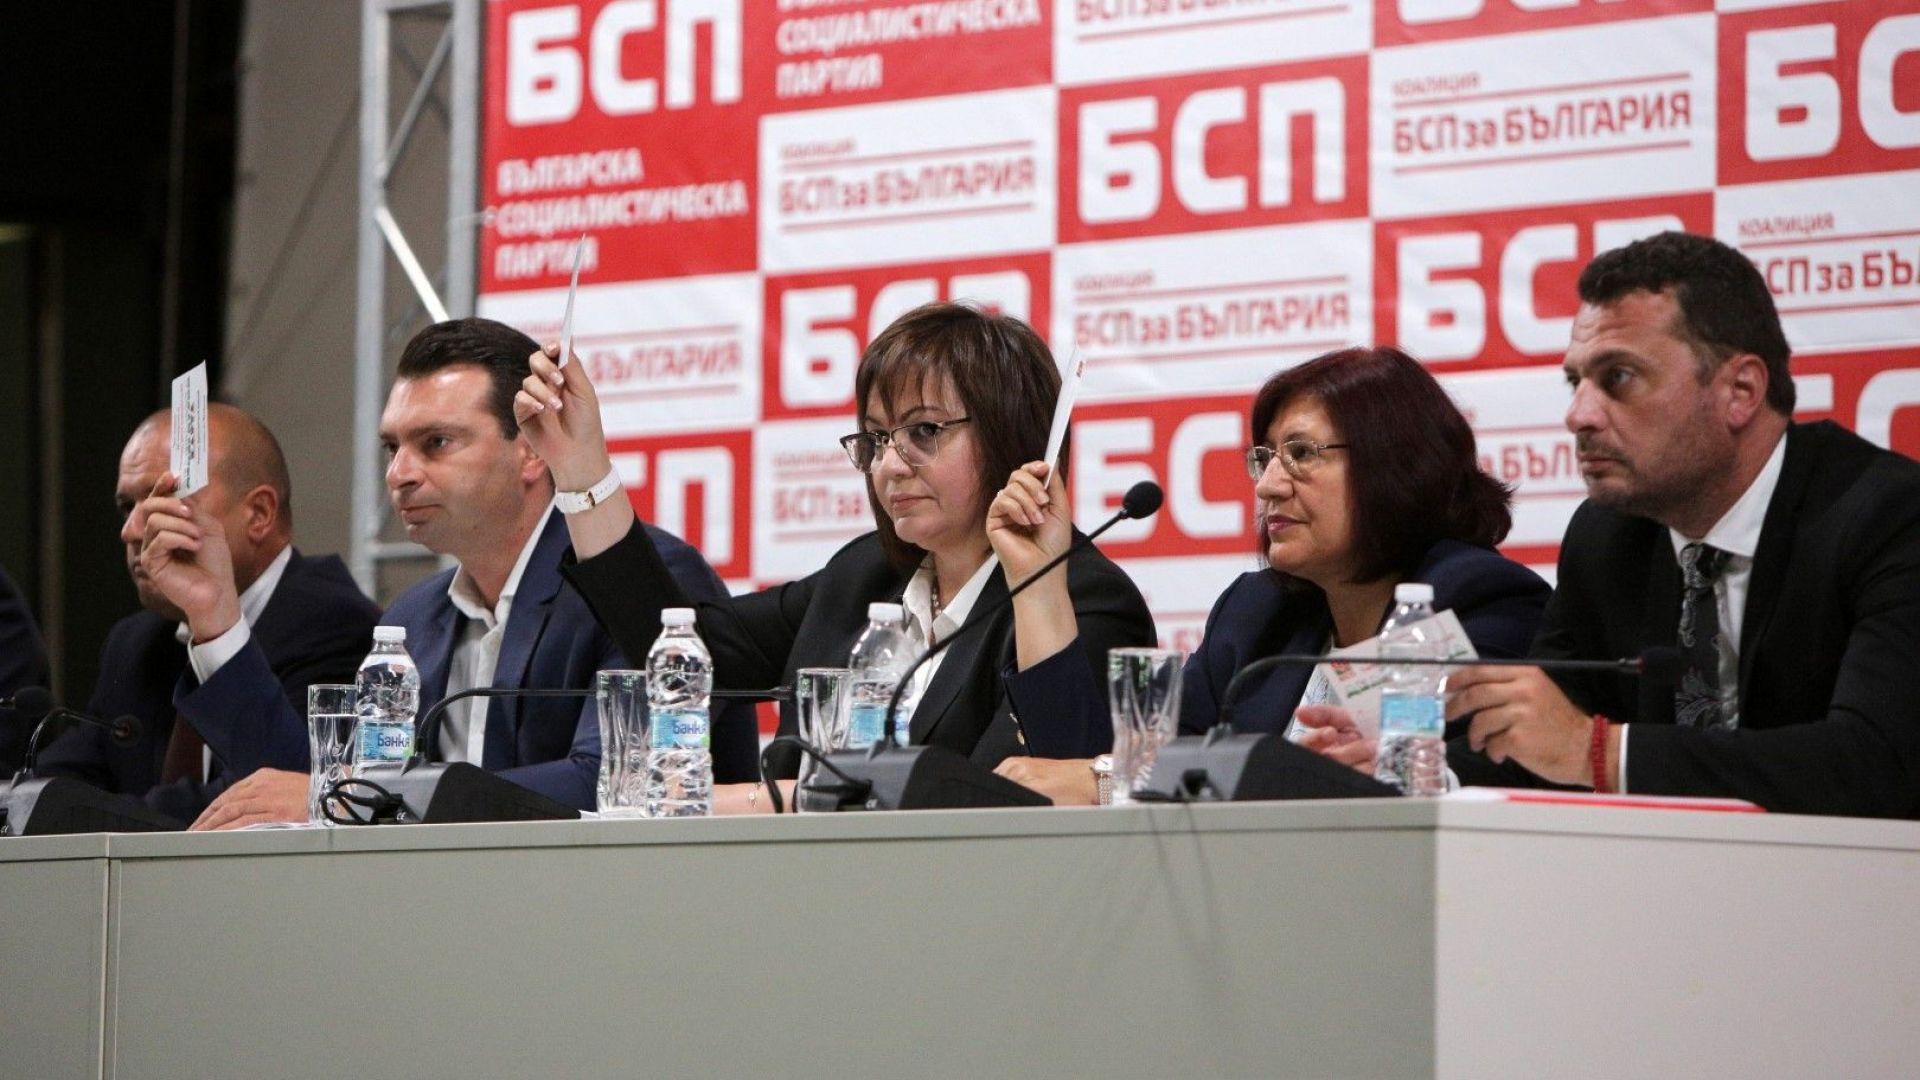 Градската конфереция на БСП в София реши да подкрепи кандидатурата